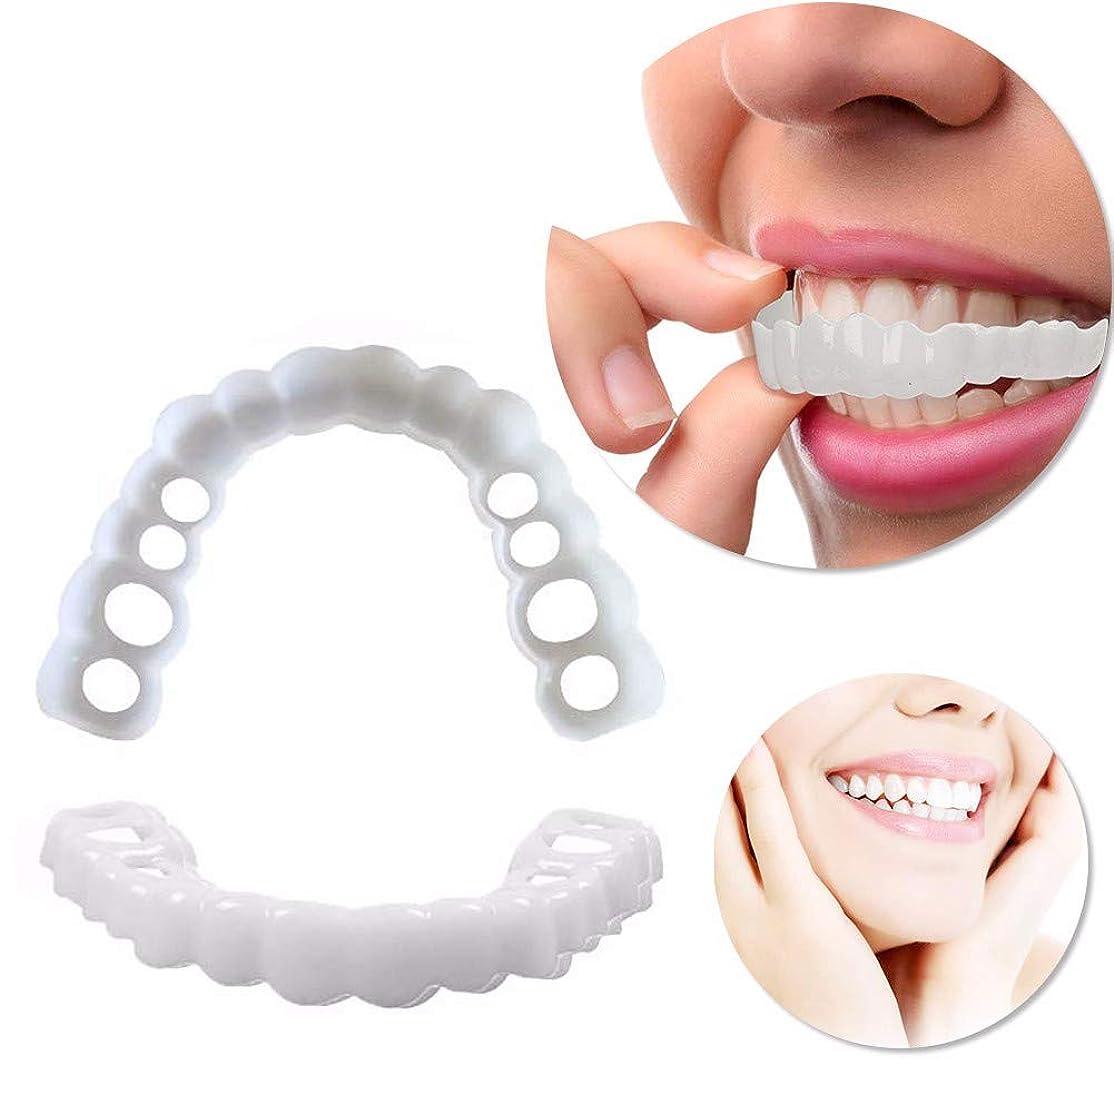 お気に入り牛肉批判的義歯安全インスタントスマイル化粧品ノベルティ歯 - ワンサイズが一番フィット,7Pairs